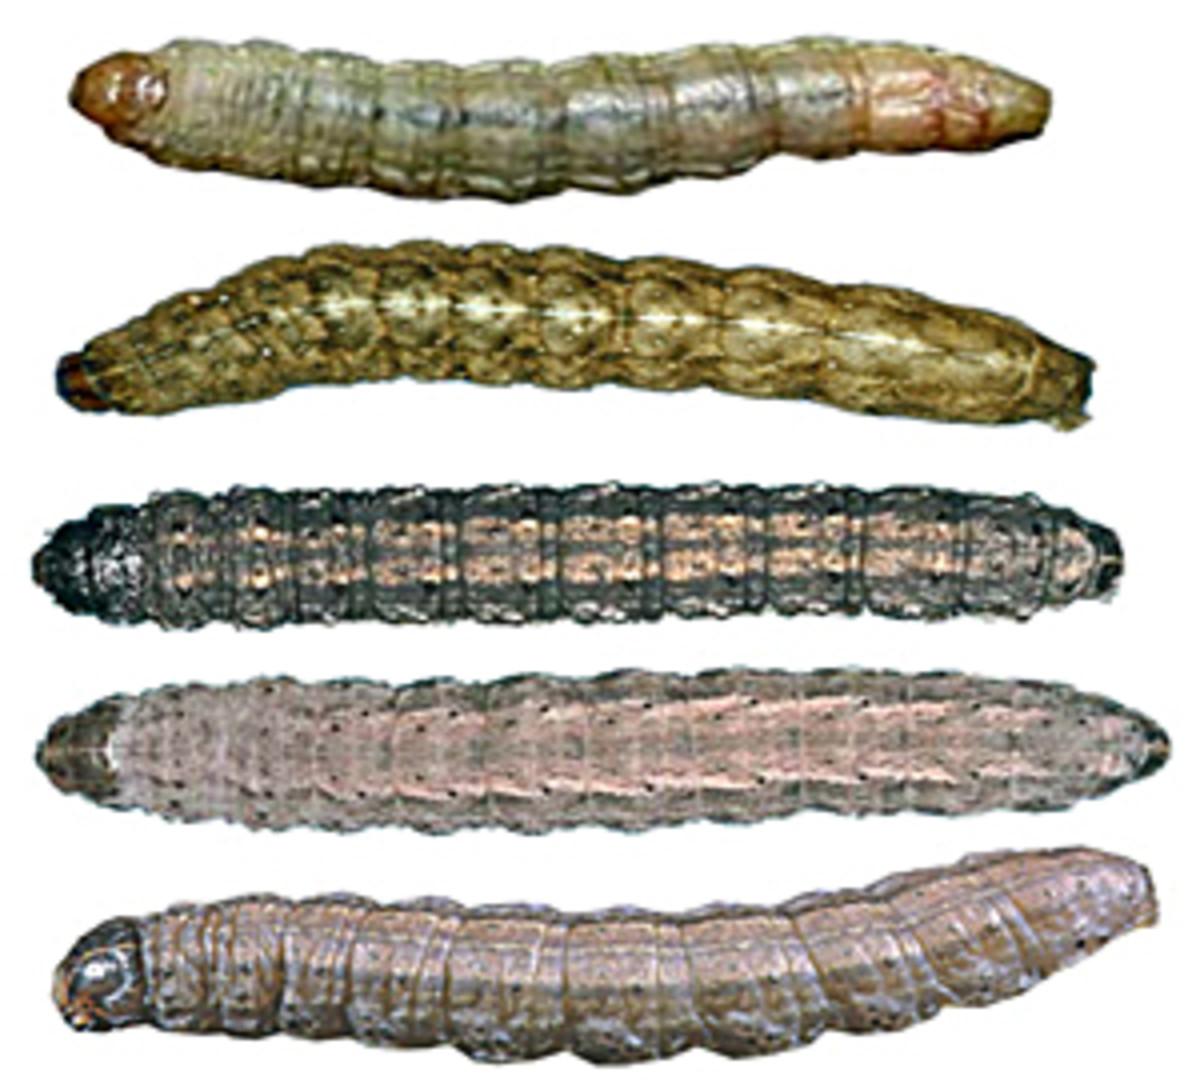 Cutworm larvae from top: sandhill cutworm, variegated cutworm, black cutworm, dingy cutworm, claybacked cutworm